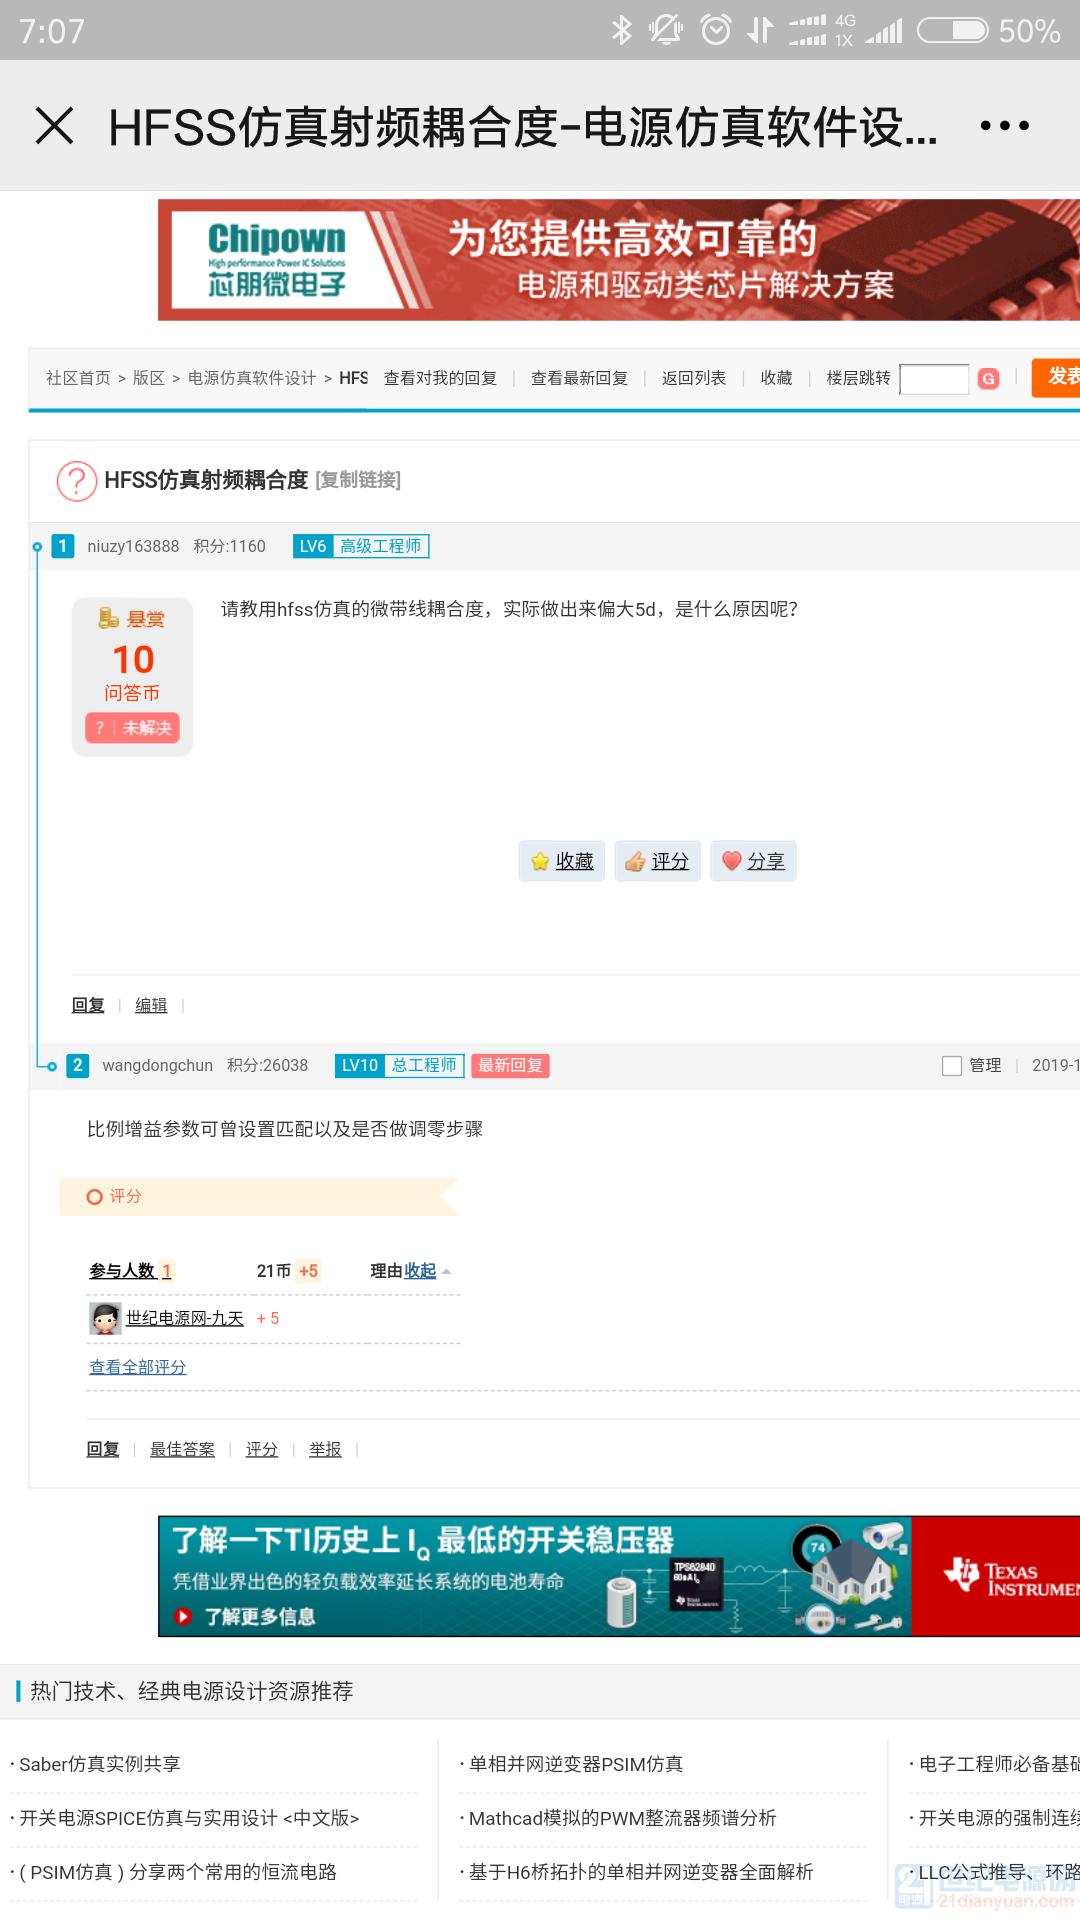 Screenshot_2020-08-20-07-07-58-702_com.tencent.mm.png